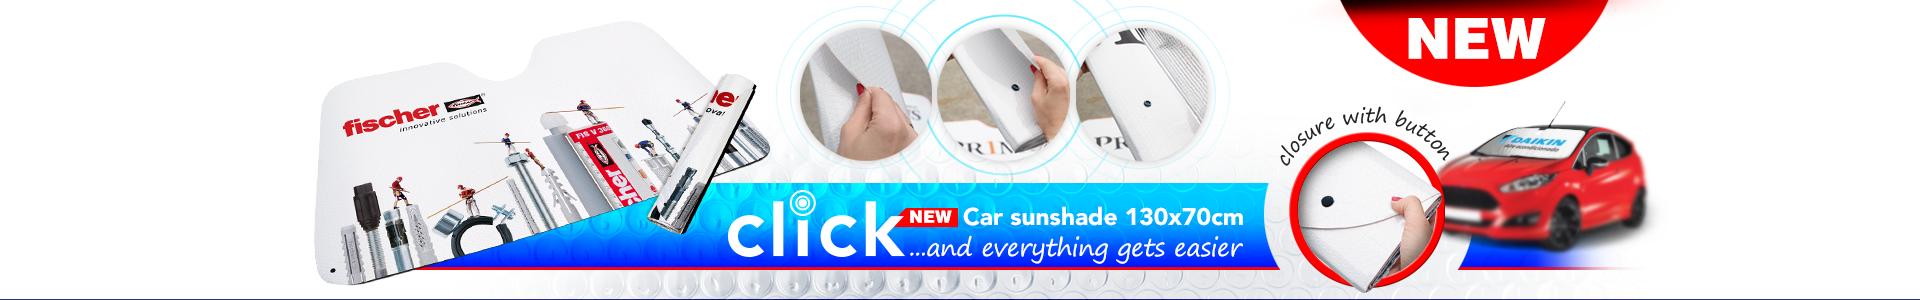 New Car Sunshade Click